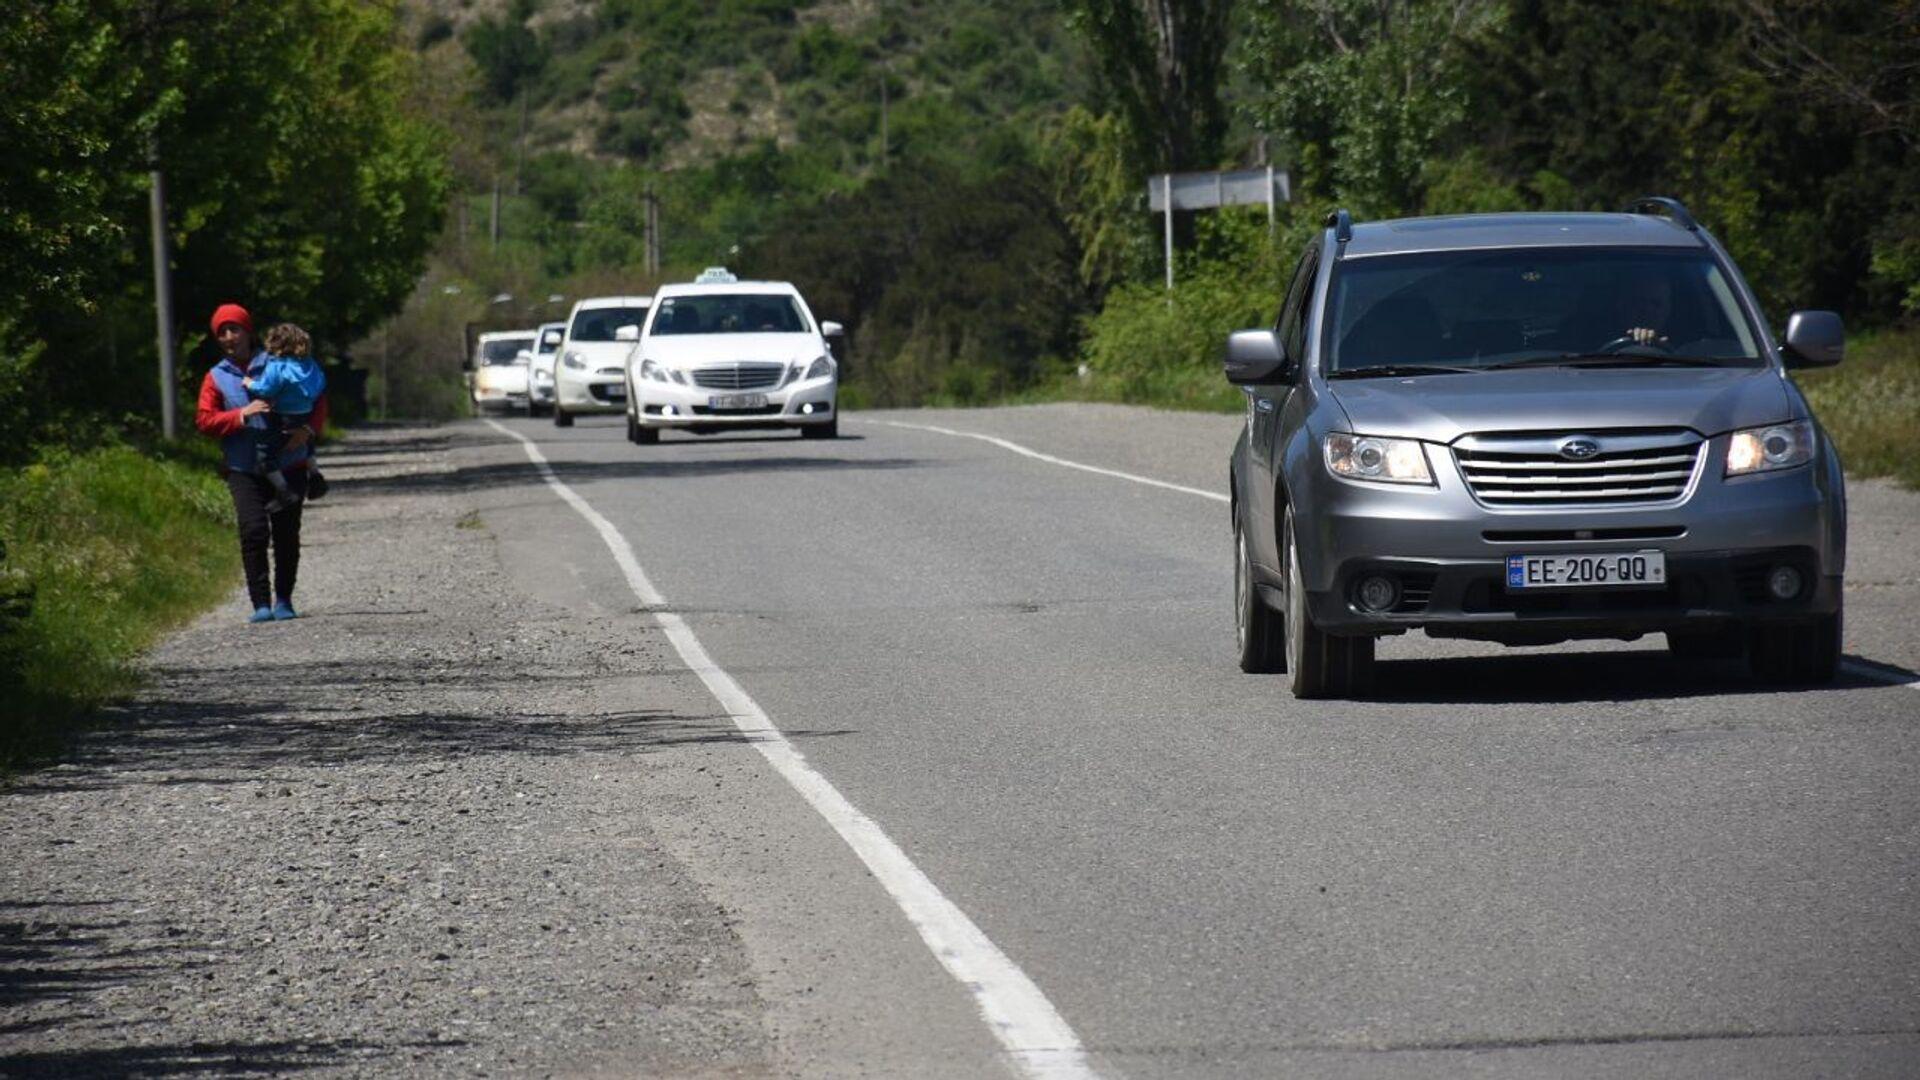 Загородняя автотрасса. Автомобили едут по дороге в дневное время суток - Sputnik Грузия, 1920, 02.10.2021